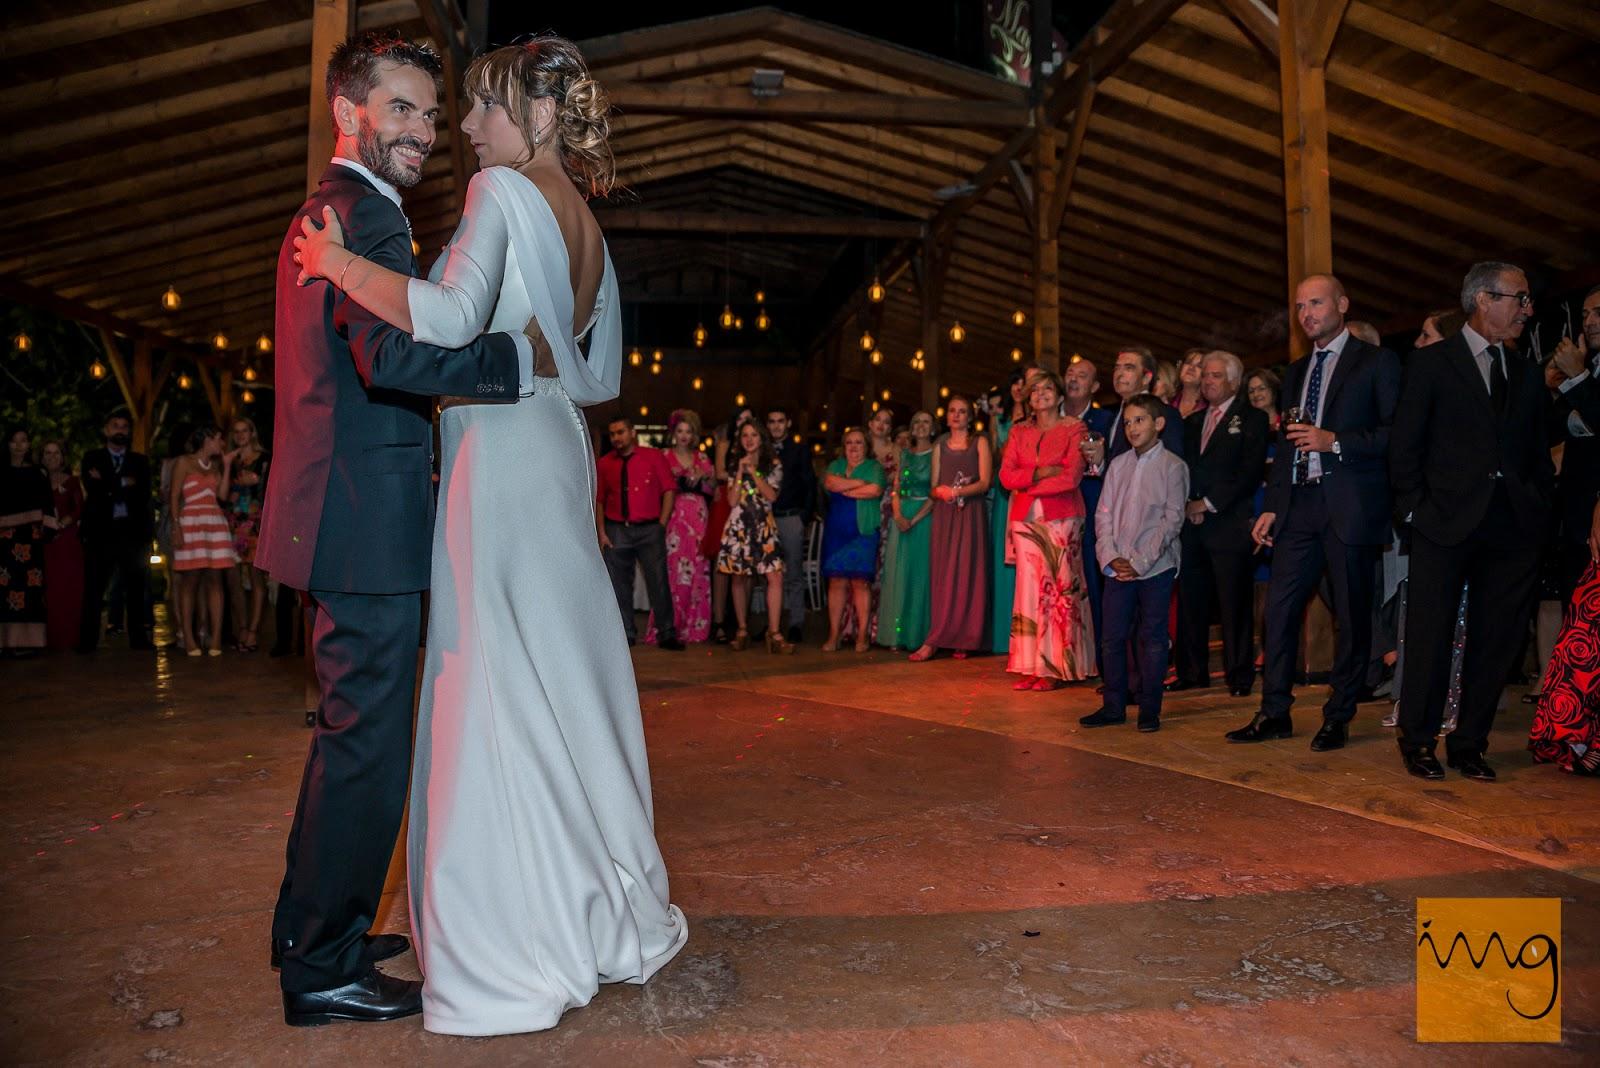 Fotografías del baile de boda